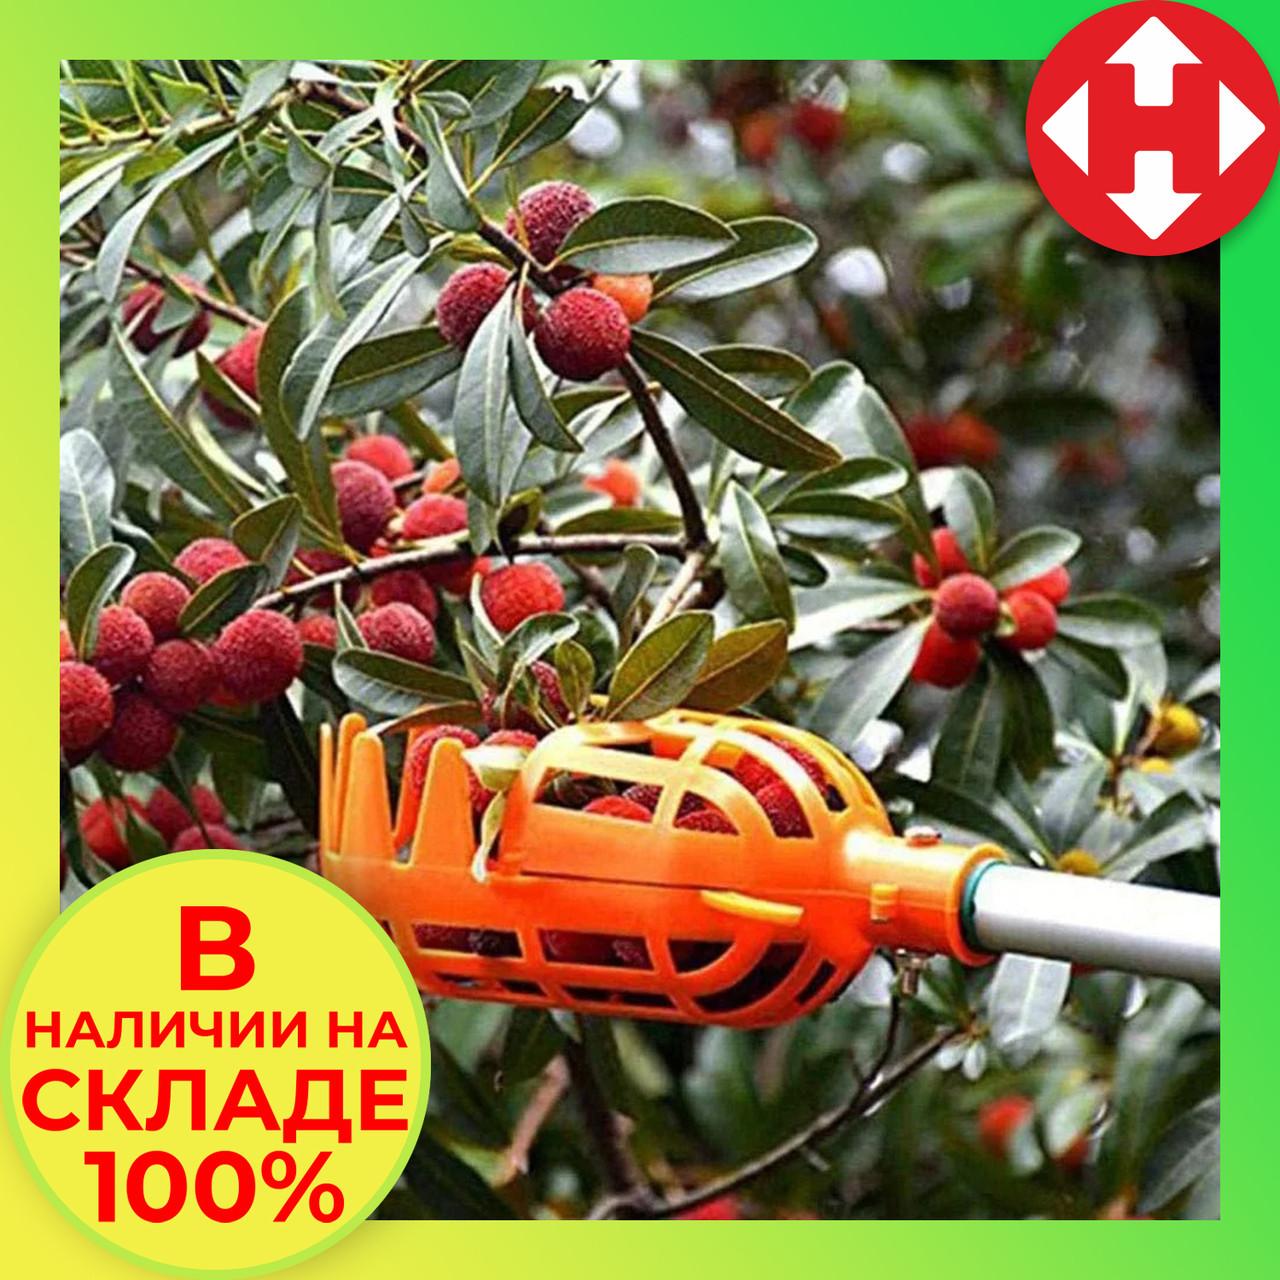 Плодосъемник для сбора фруктов и ягод, плодосборник яблок и пр., оранжевый